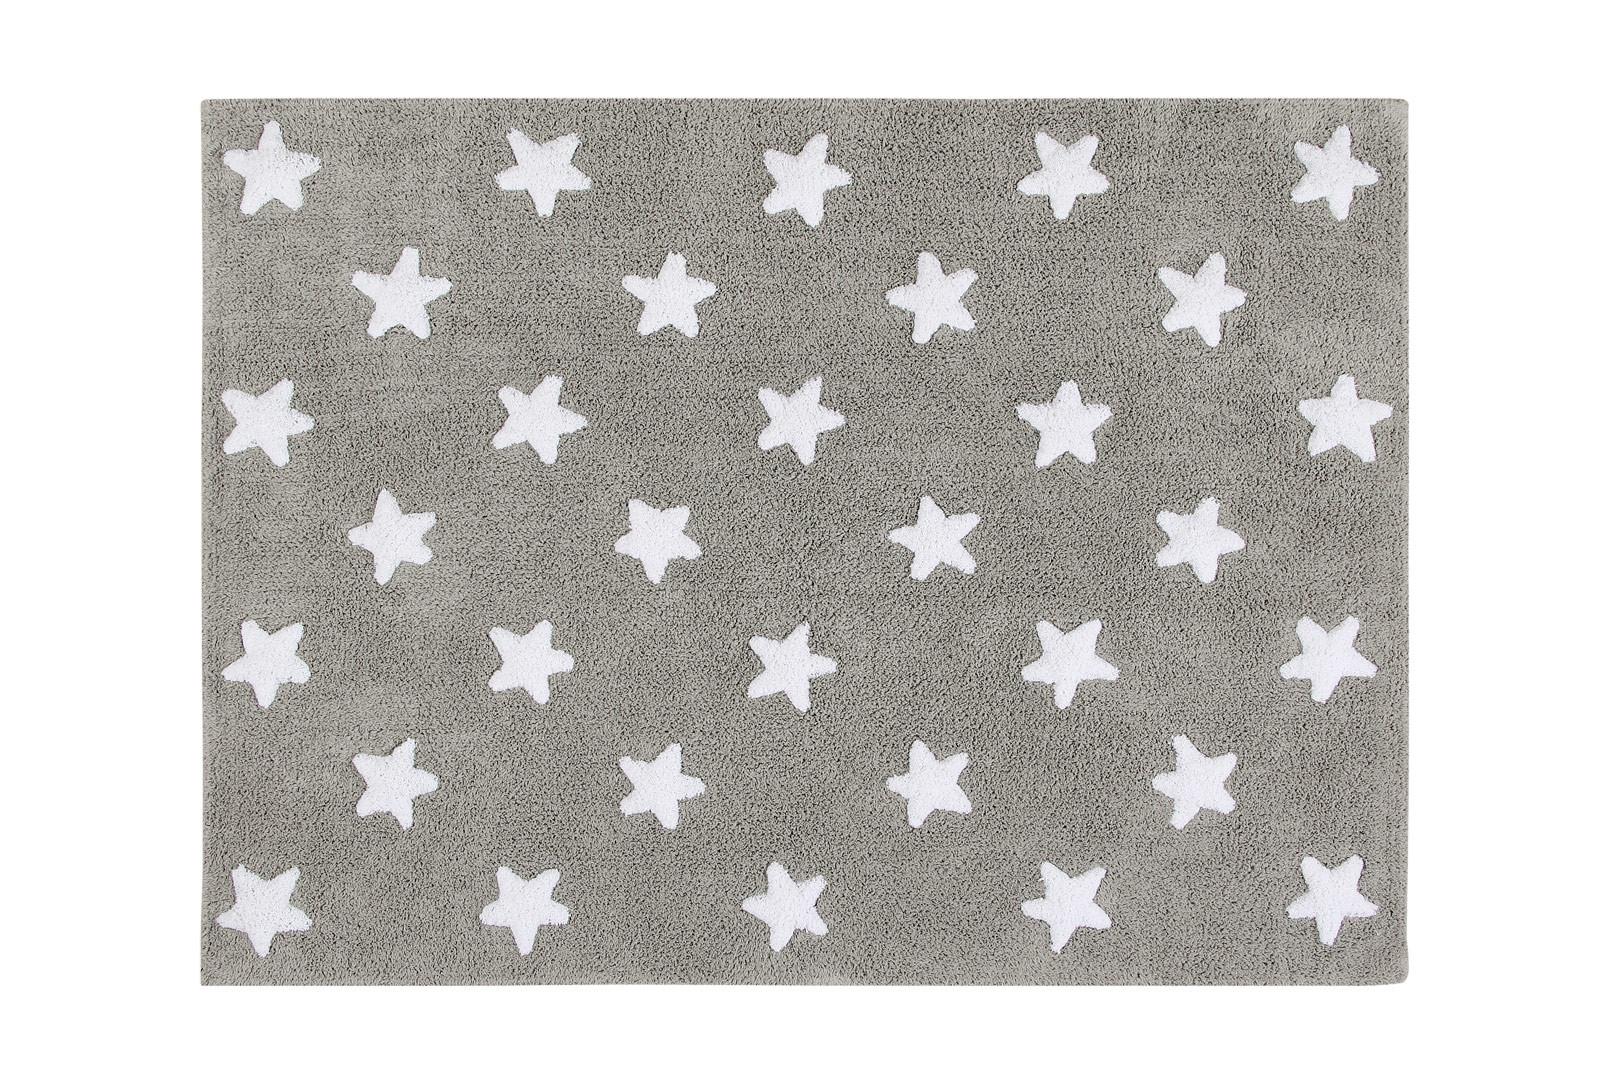 Tapis pour bébé lavable en machine Stars White Lorena Canals